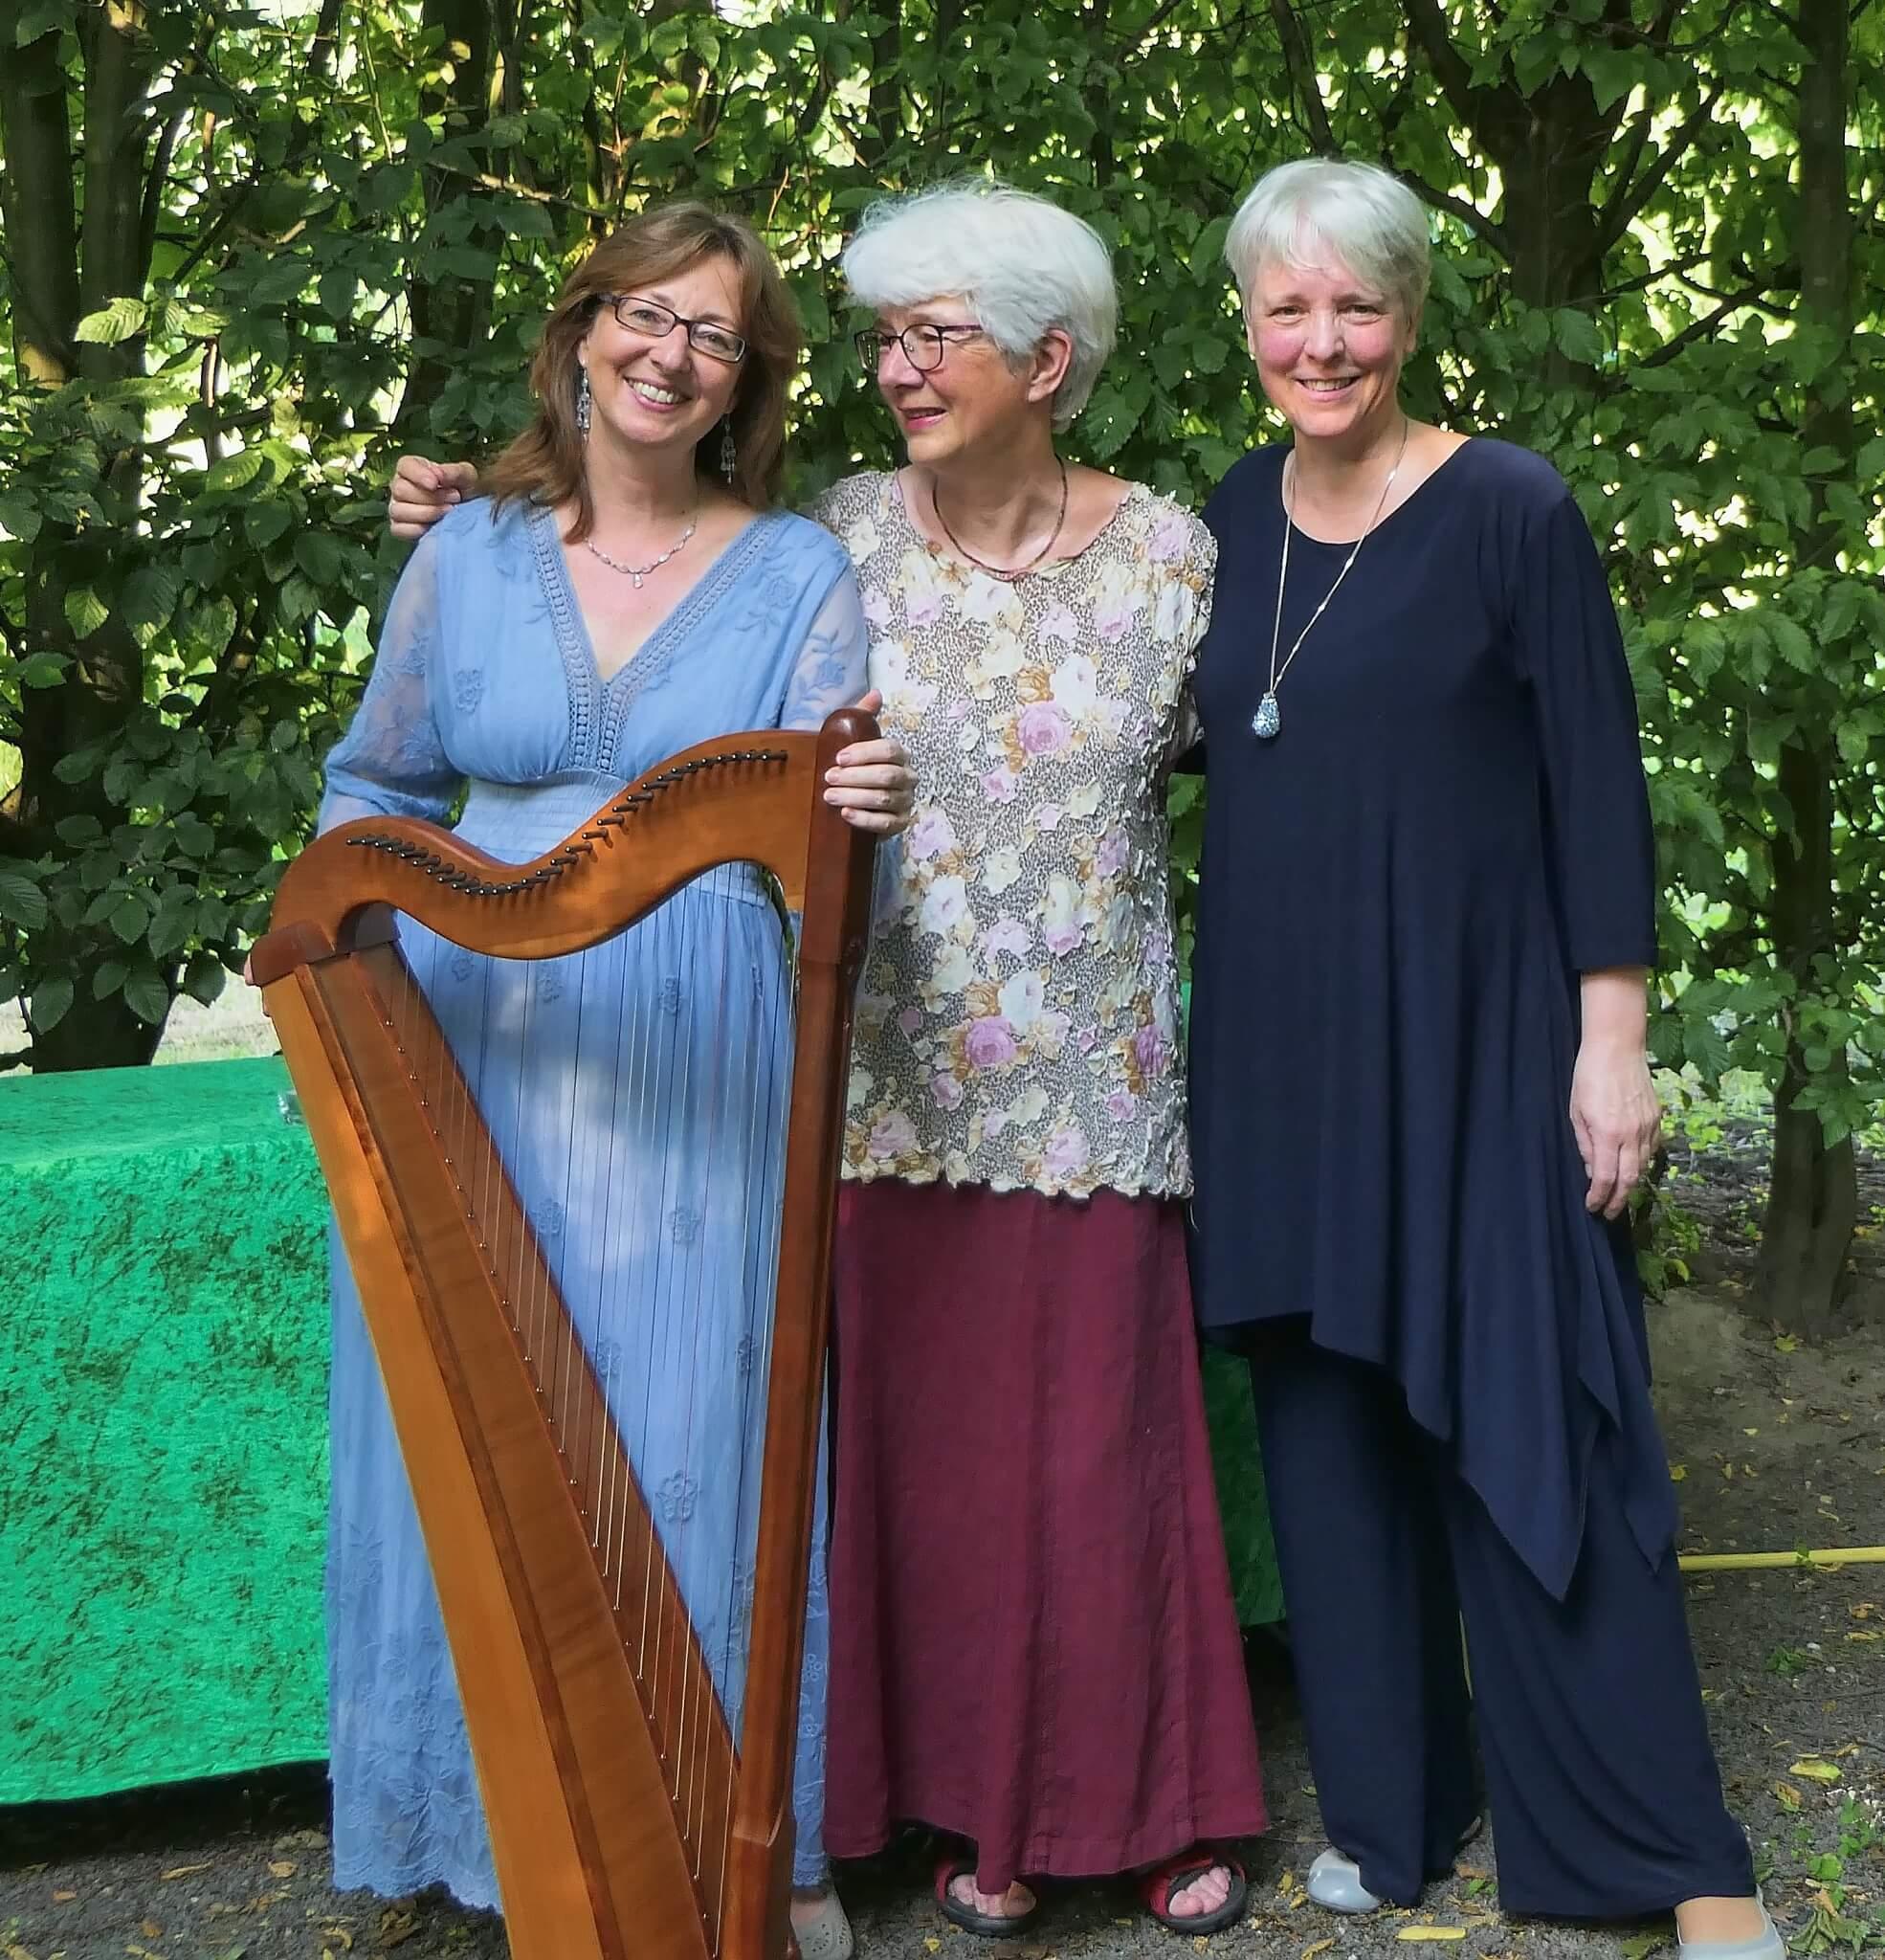 Anja Steiner, Birgit Schleicher, Veronika Uhlich